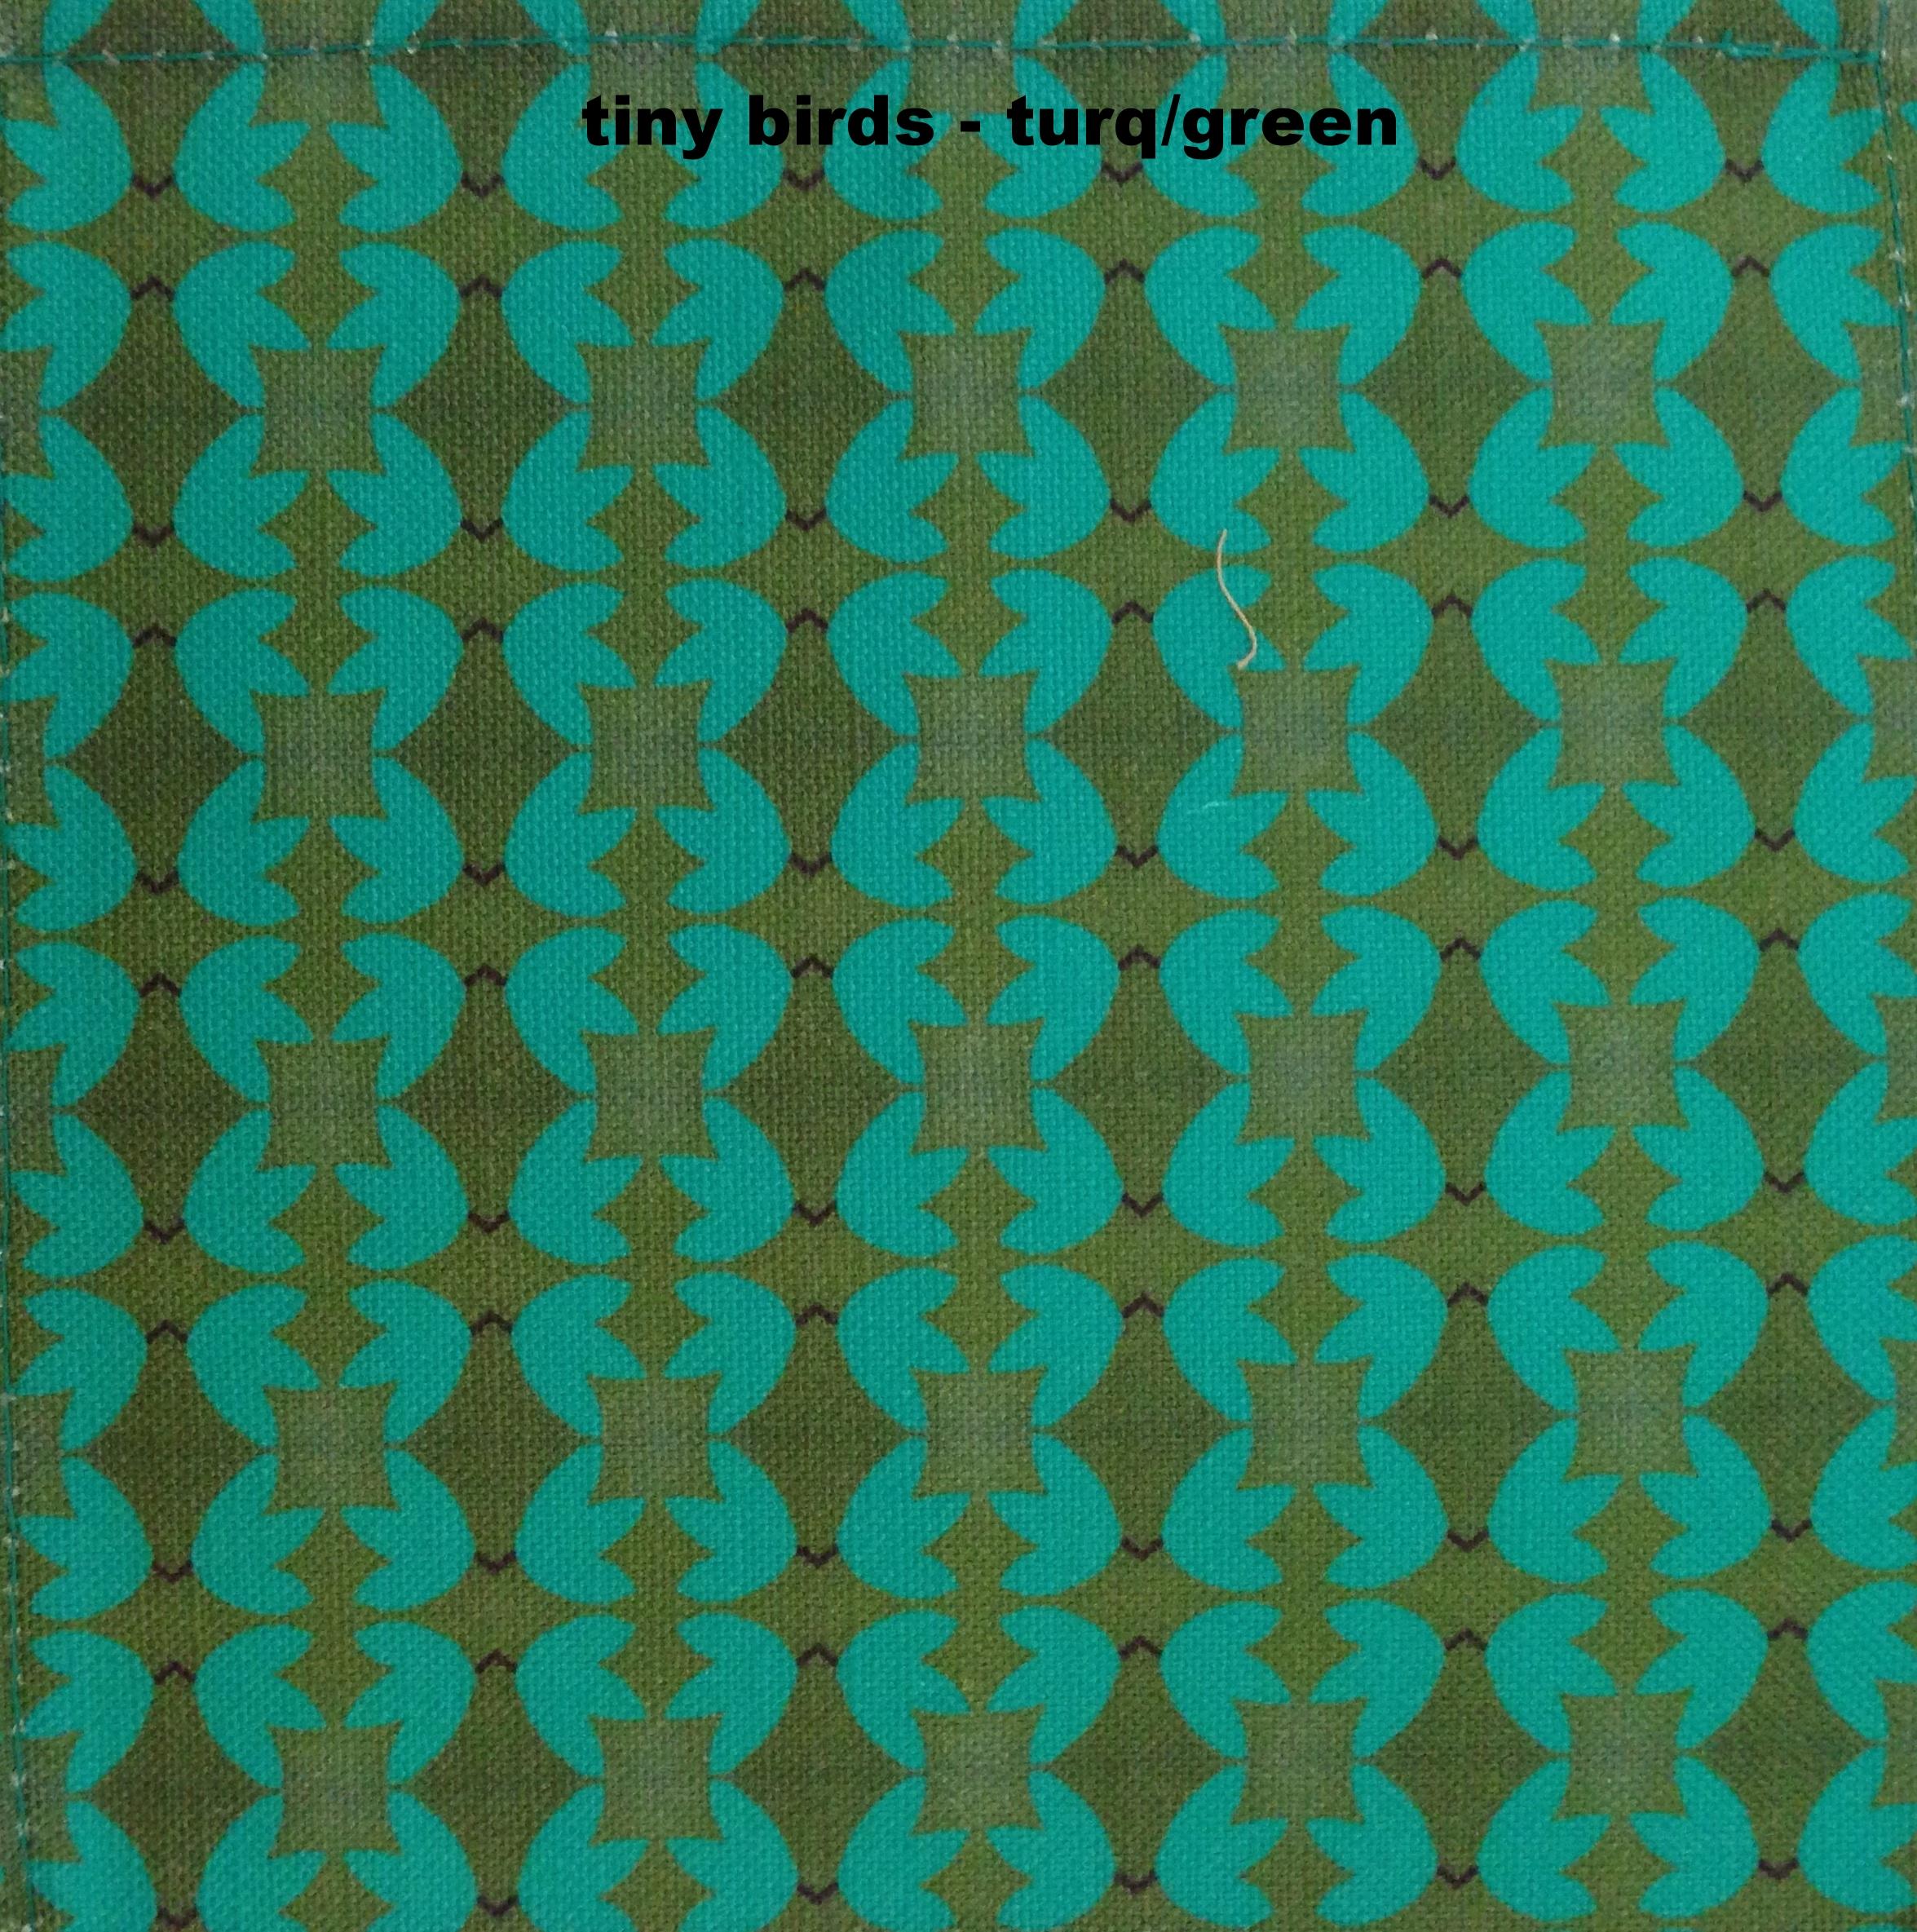 tiny birds - teal/green